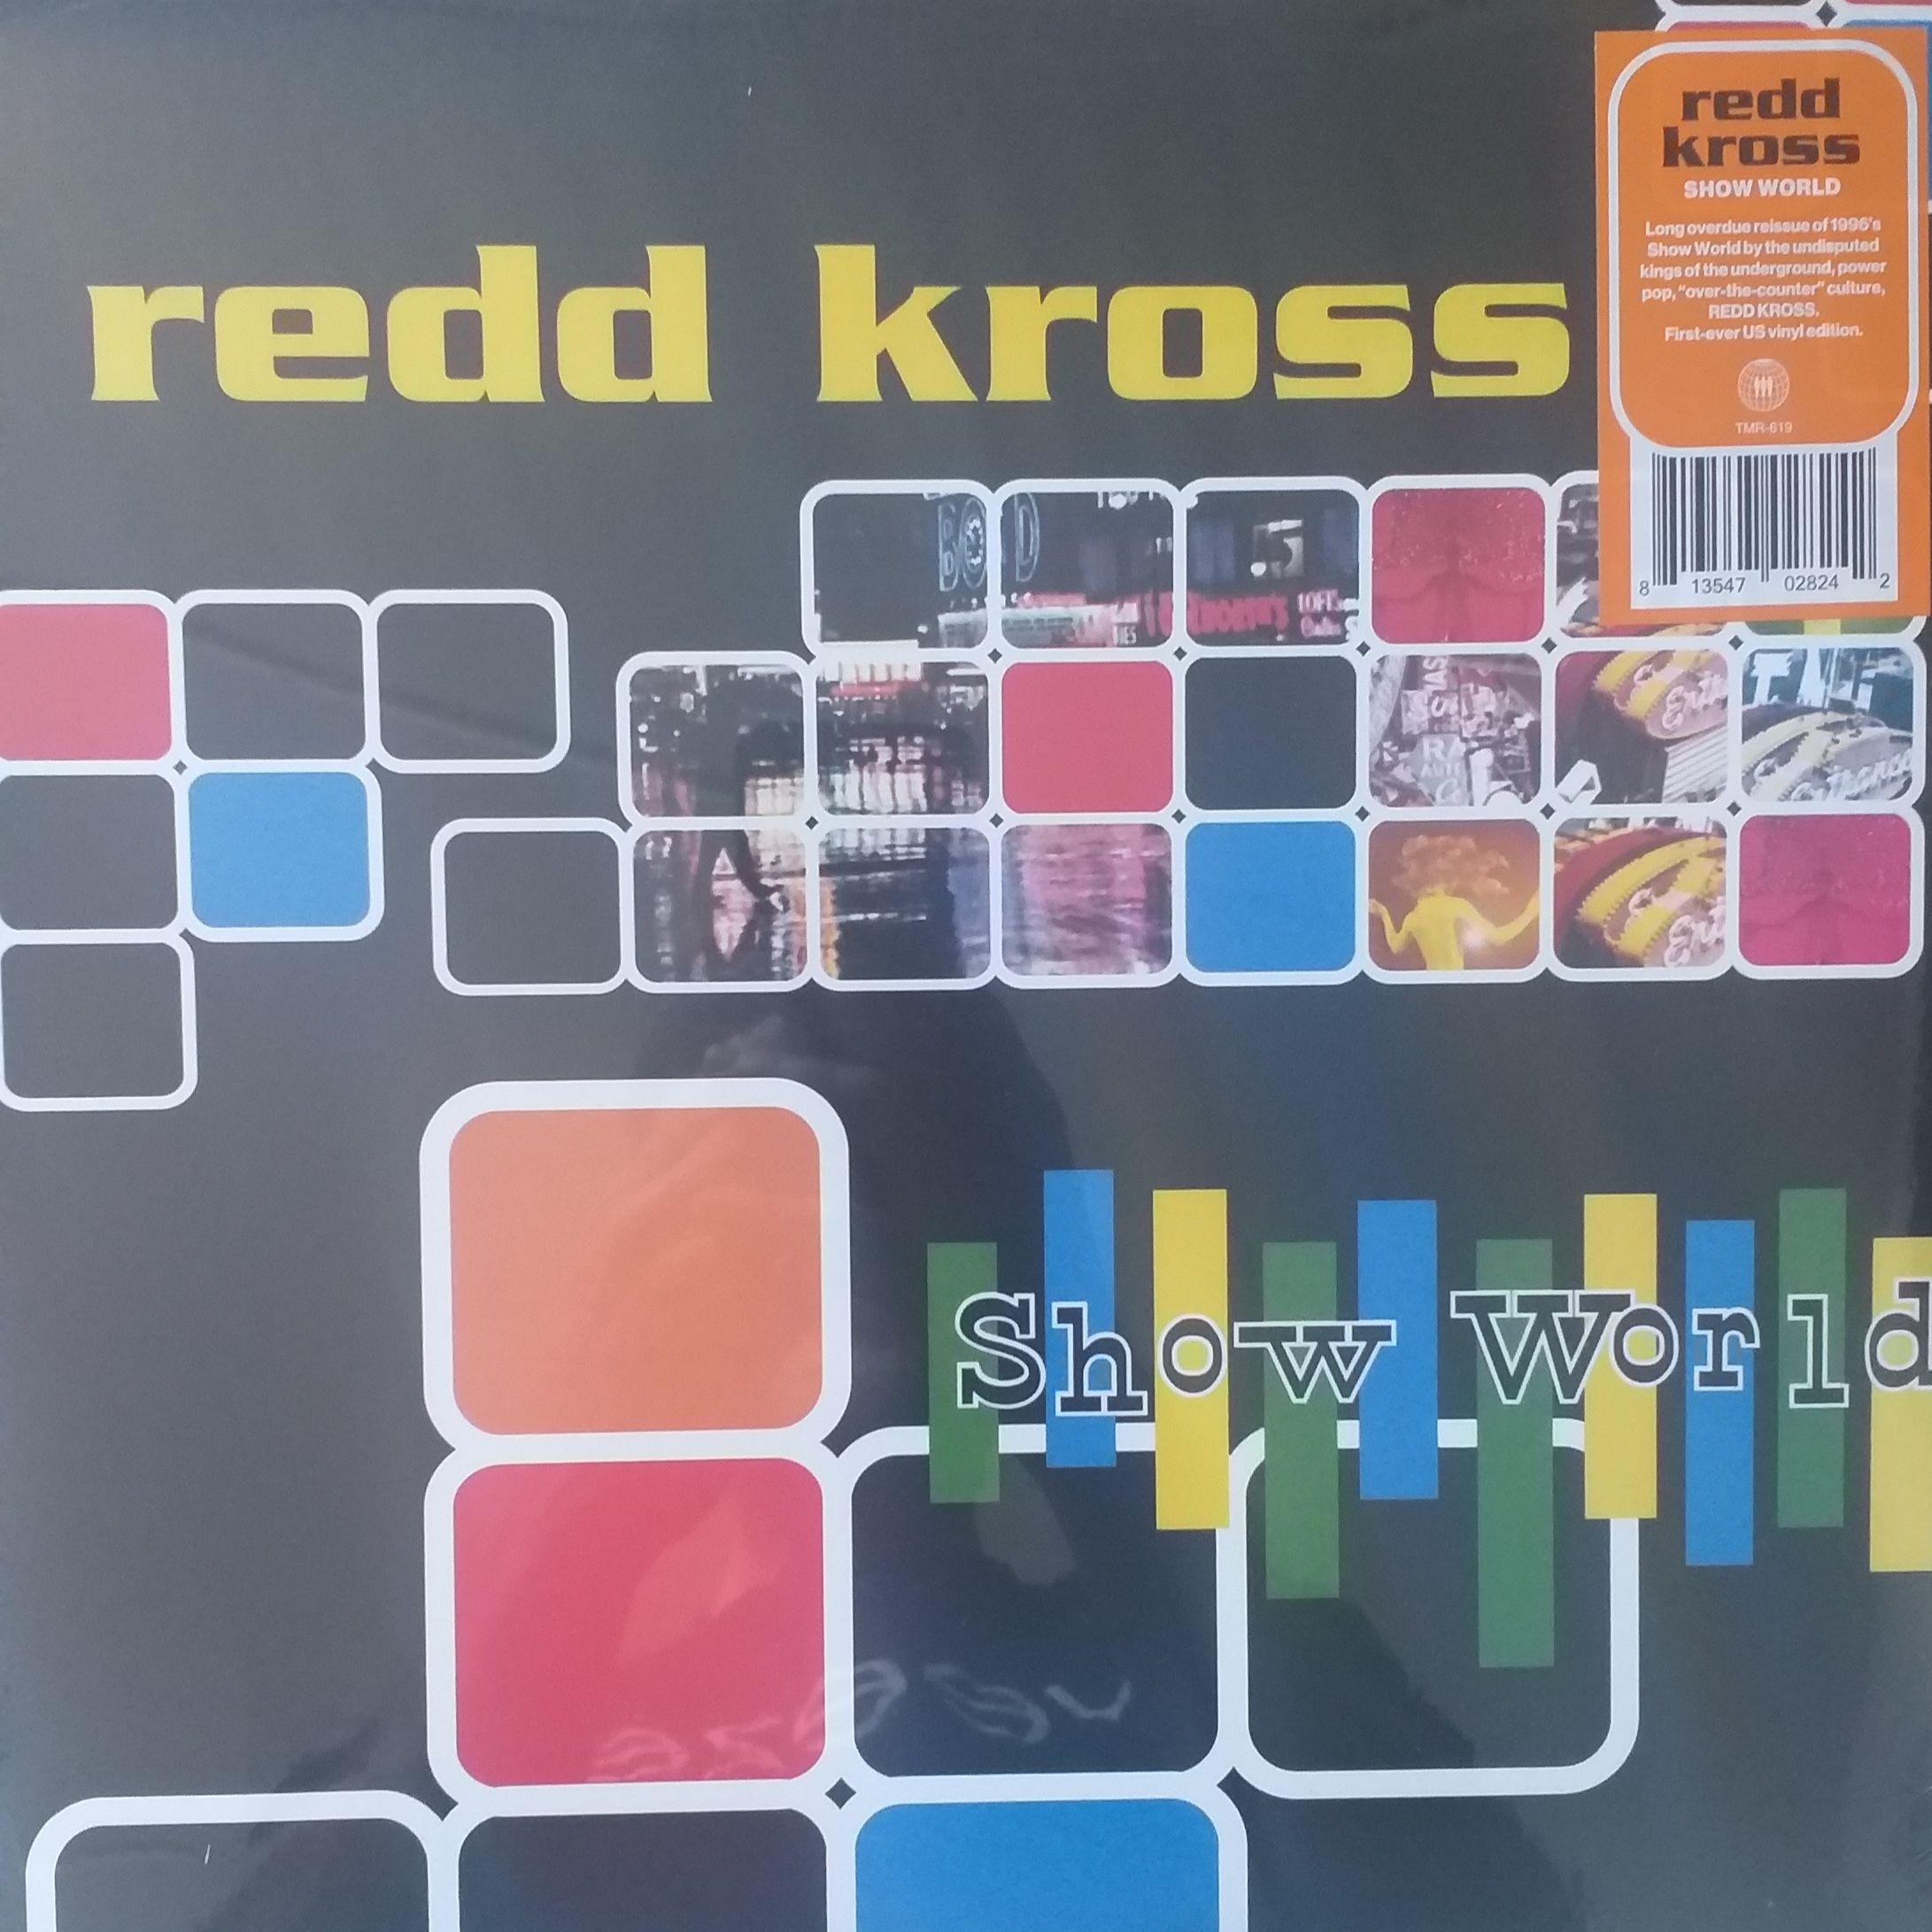 Redd kross Show world LP undefined